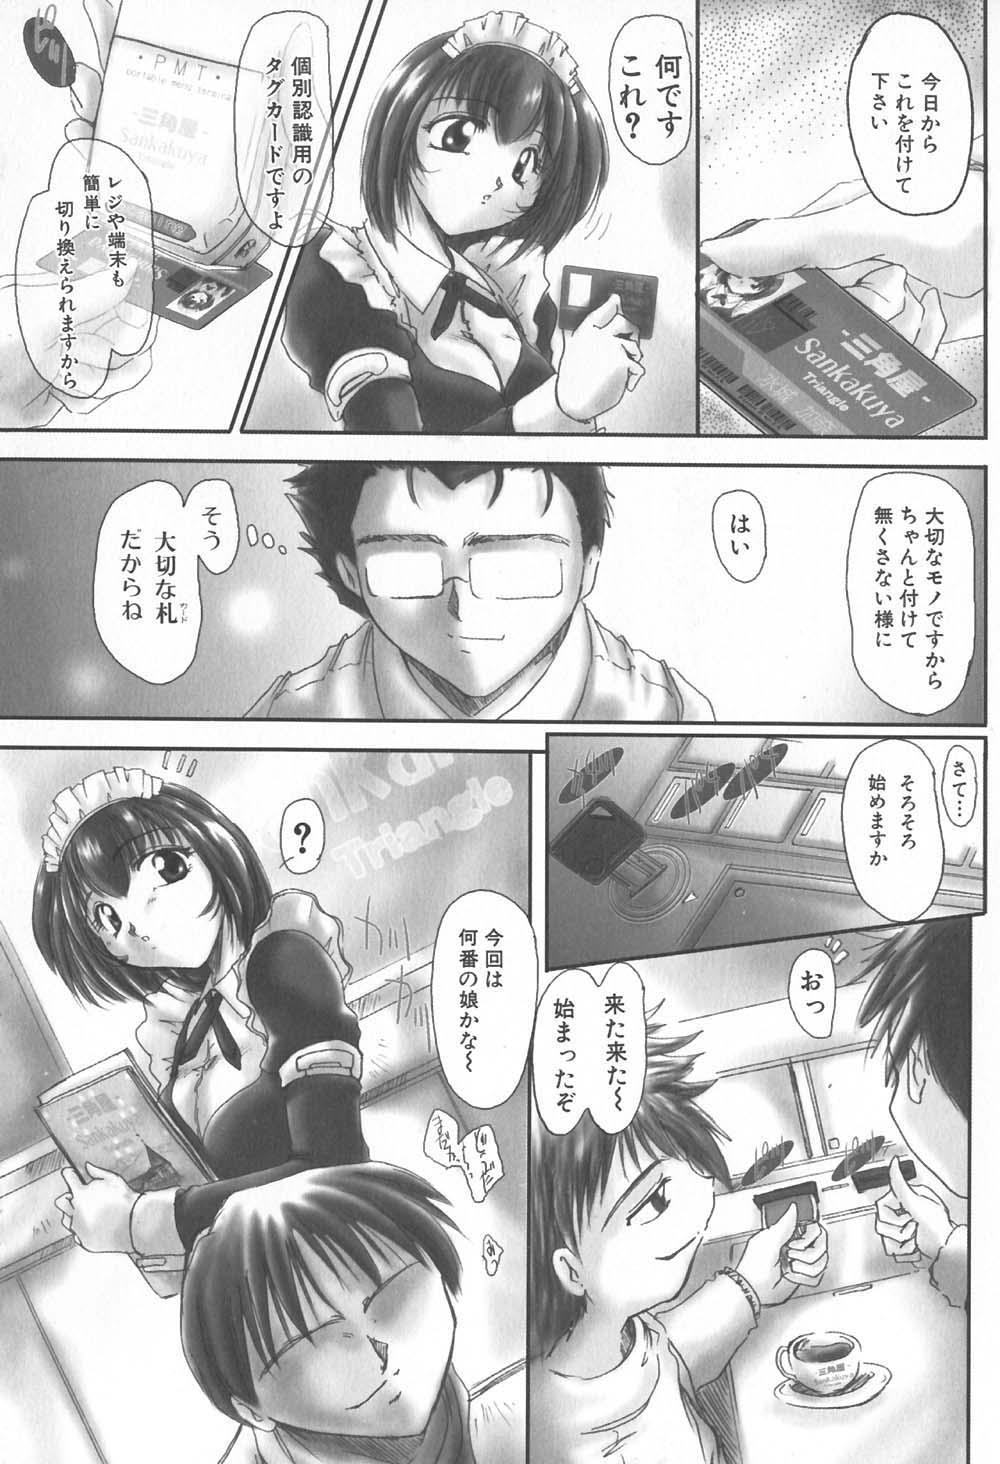 Gochuumon wa Okimari Desuka 8